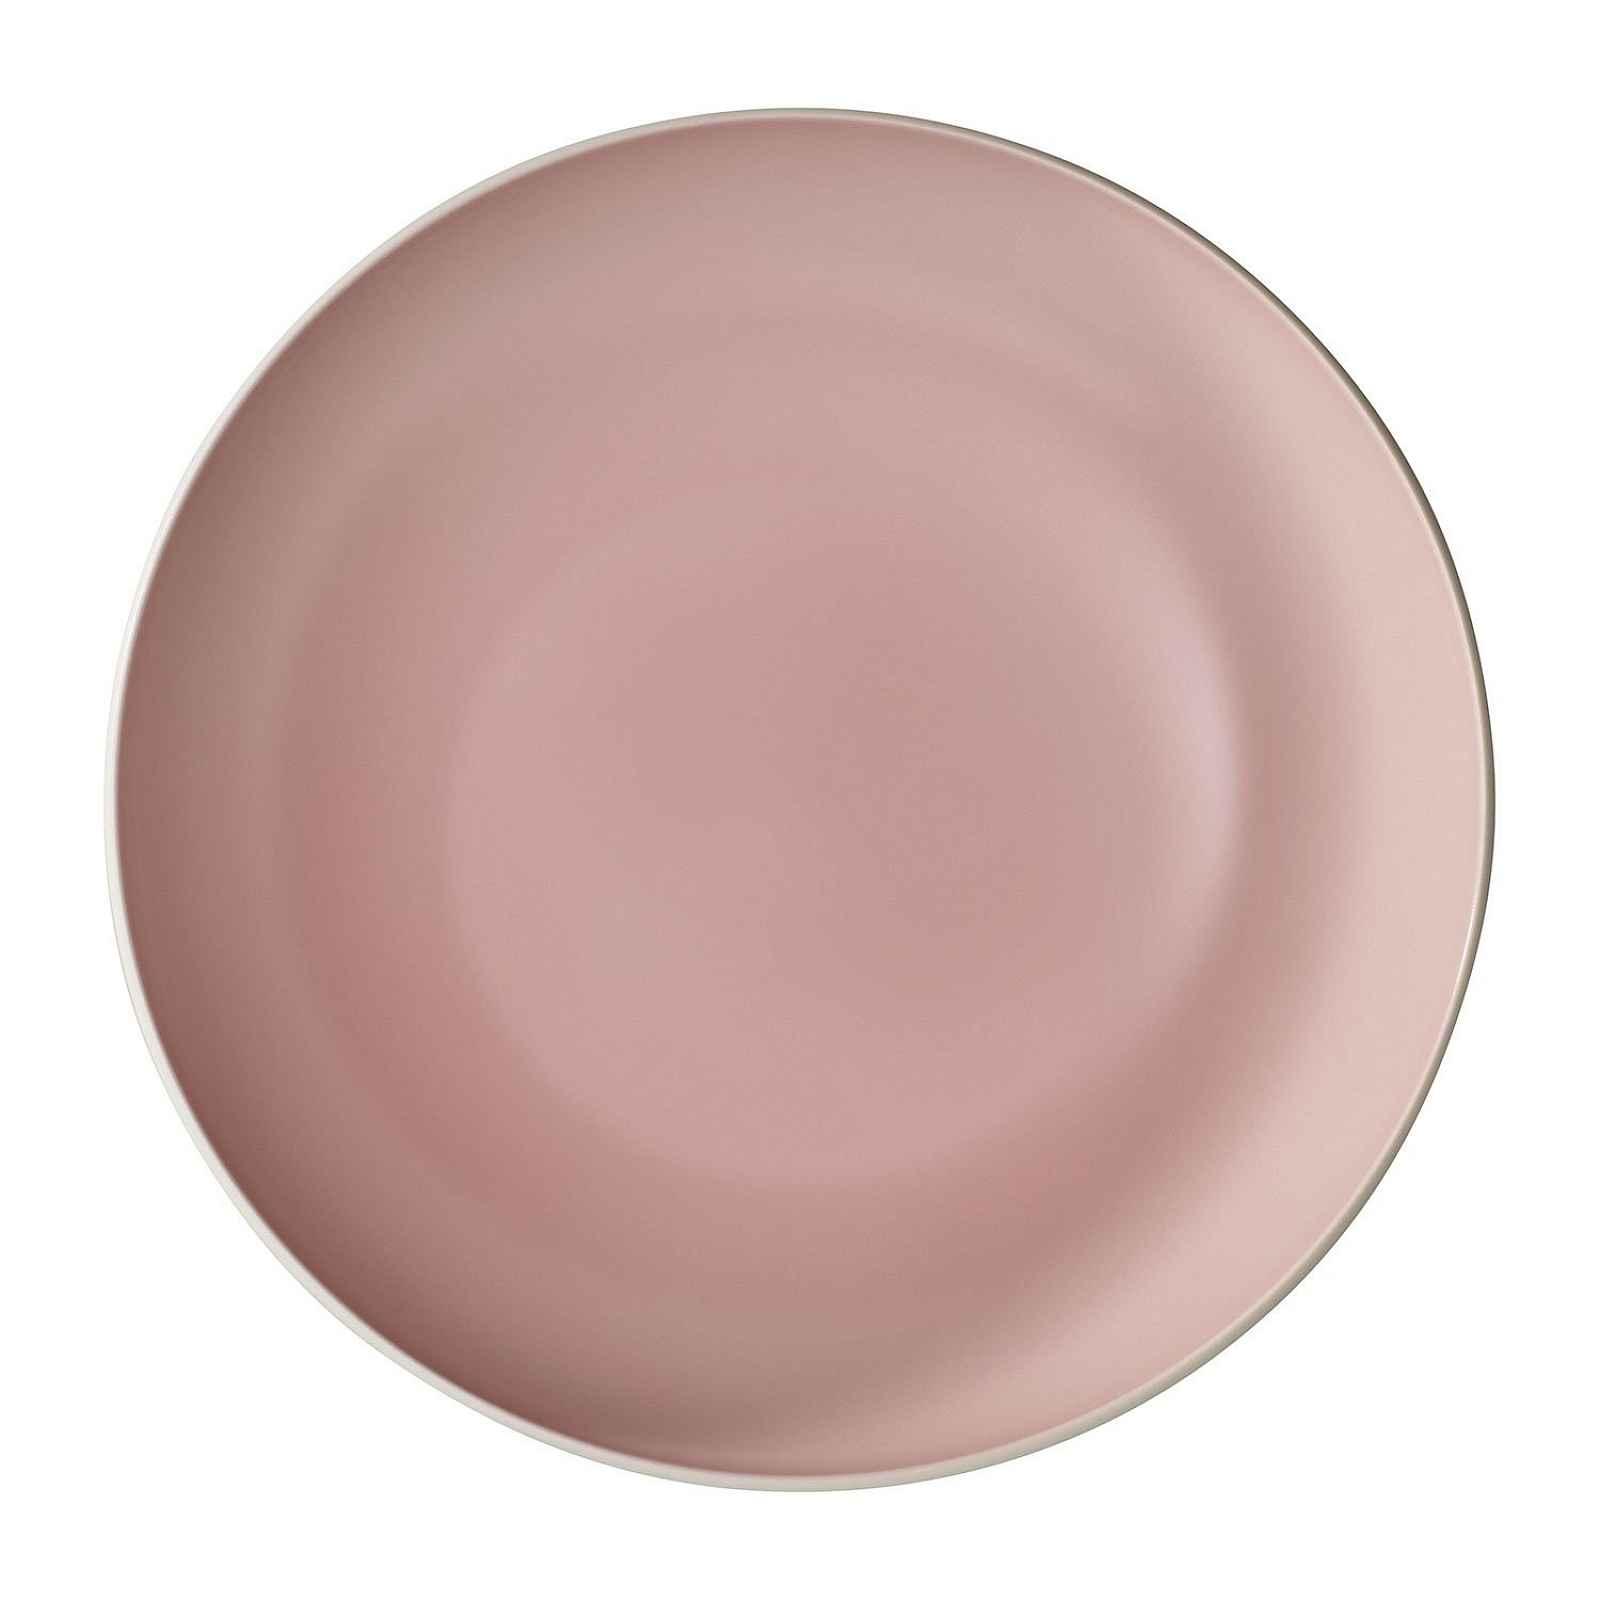 Bílo-růžová porcelánová servírovací miska Villeroy & Boch Uni, ⌀ 26 cm